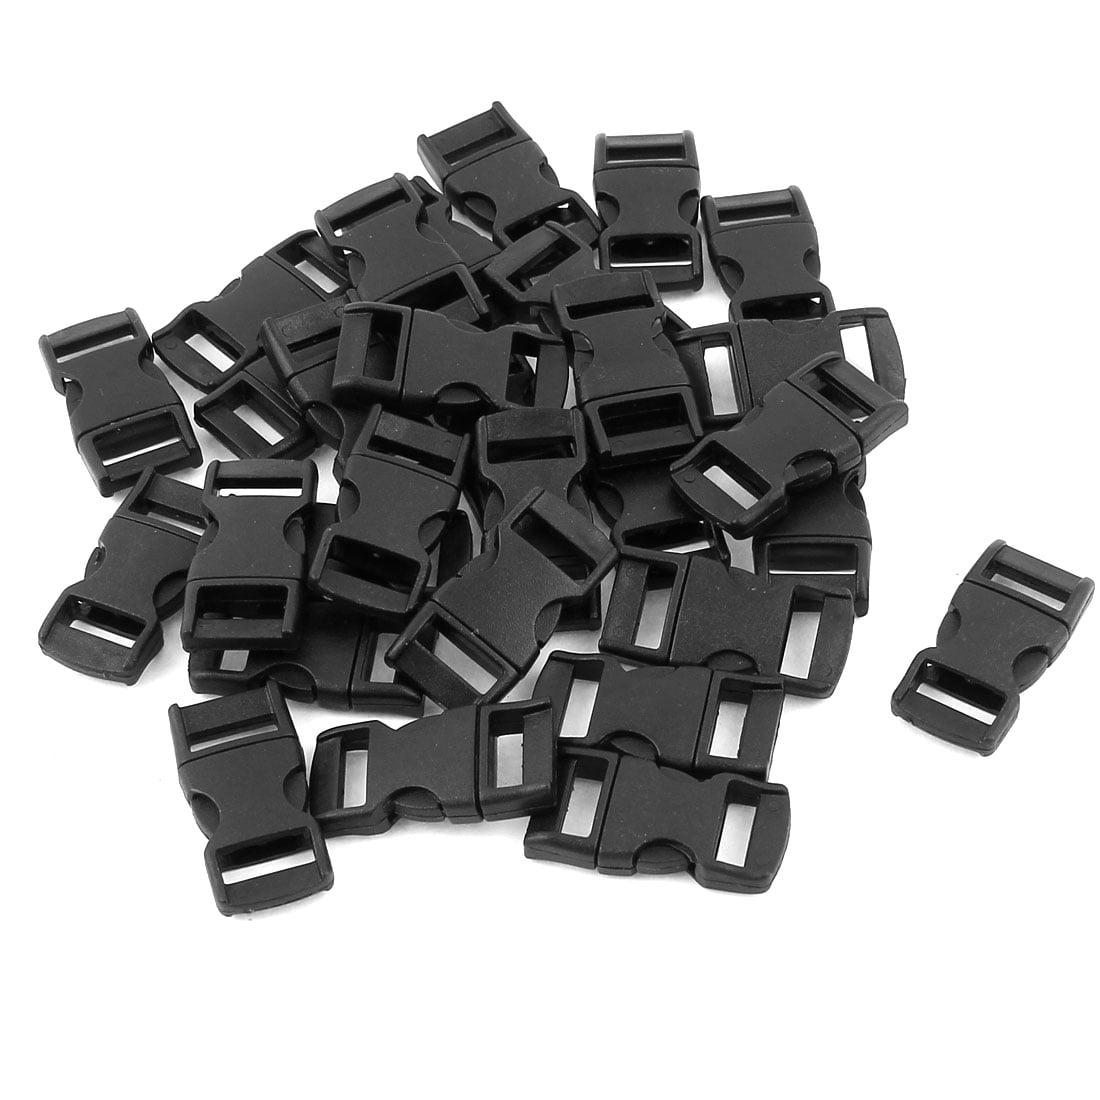 Plastique 10mm Courroies De Sangle Boucle De D 233 Gagement